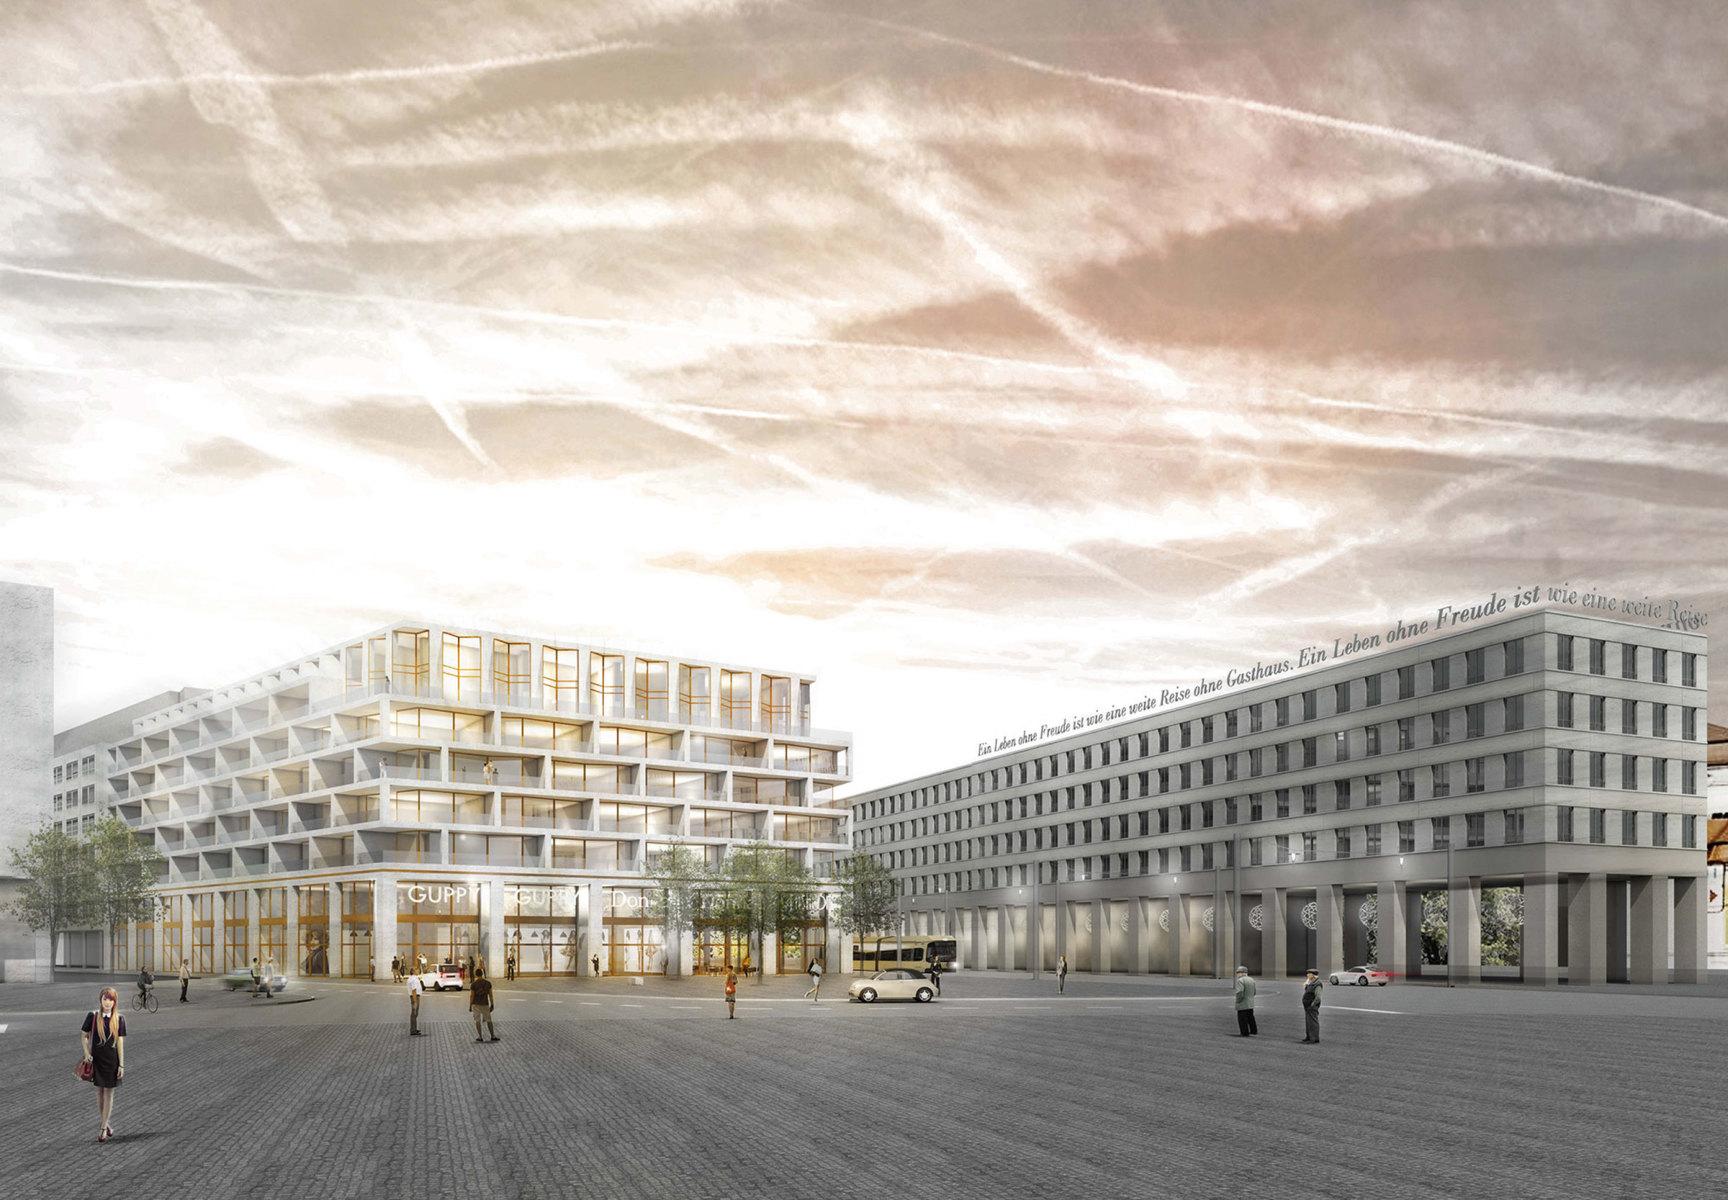 Palais am Zwinger